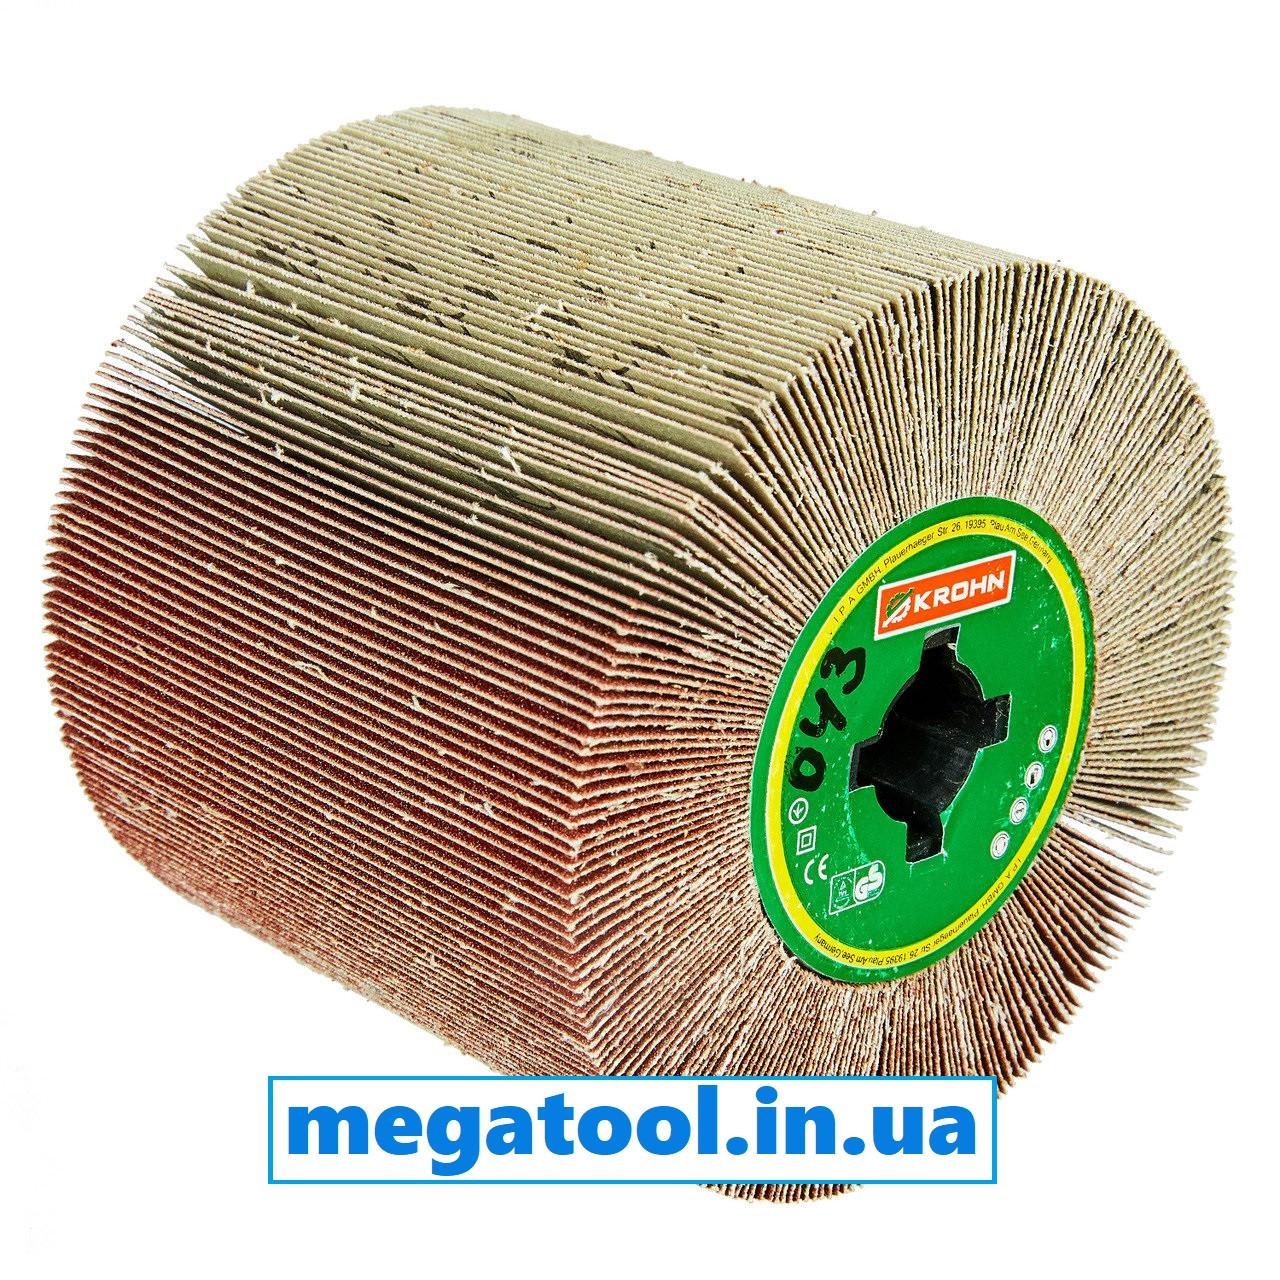 Щетка шлифовальная из листов наждачной бумаги P180 KROHN 200911043